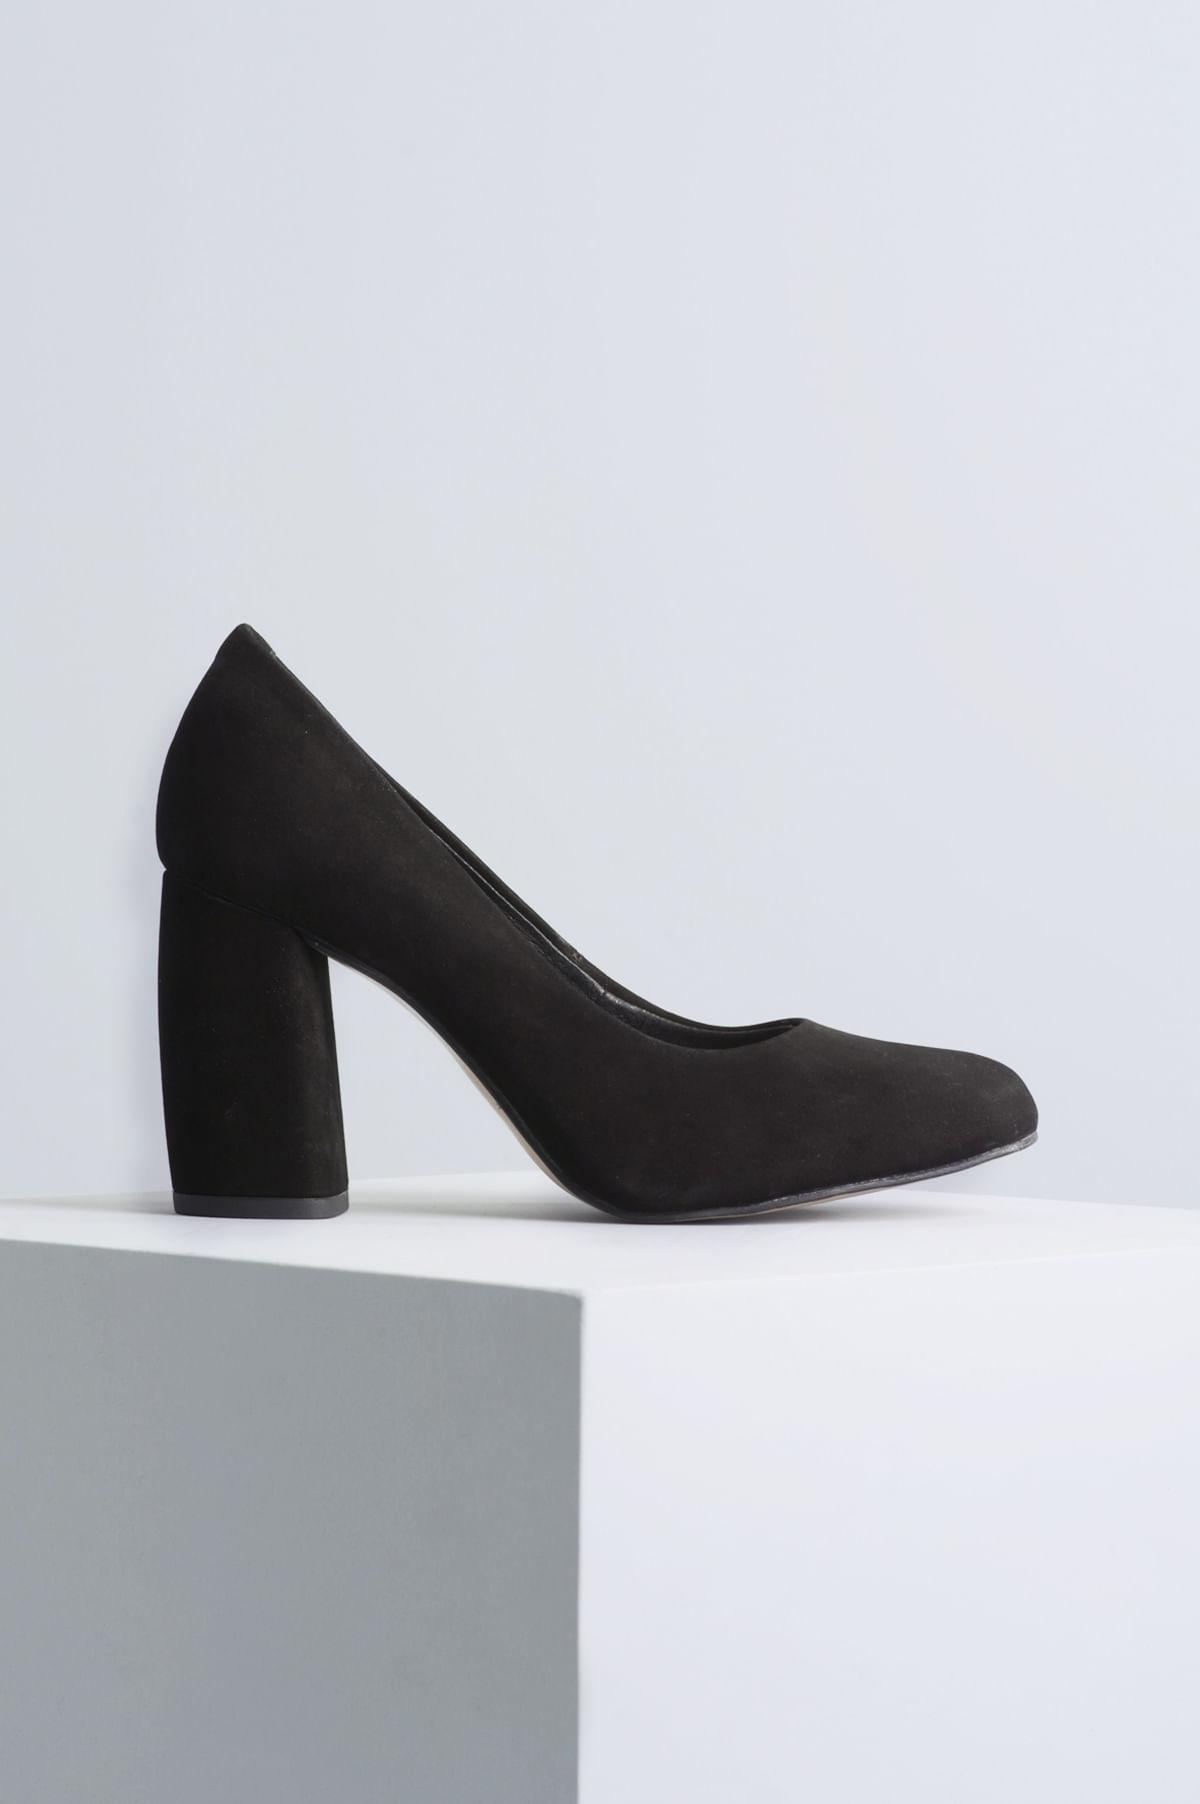 dc2cb5cf456 Sapato Feminino Salto Alto Tulip Mundial NB - PRETO - Mundial Calçados